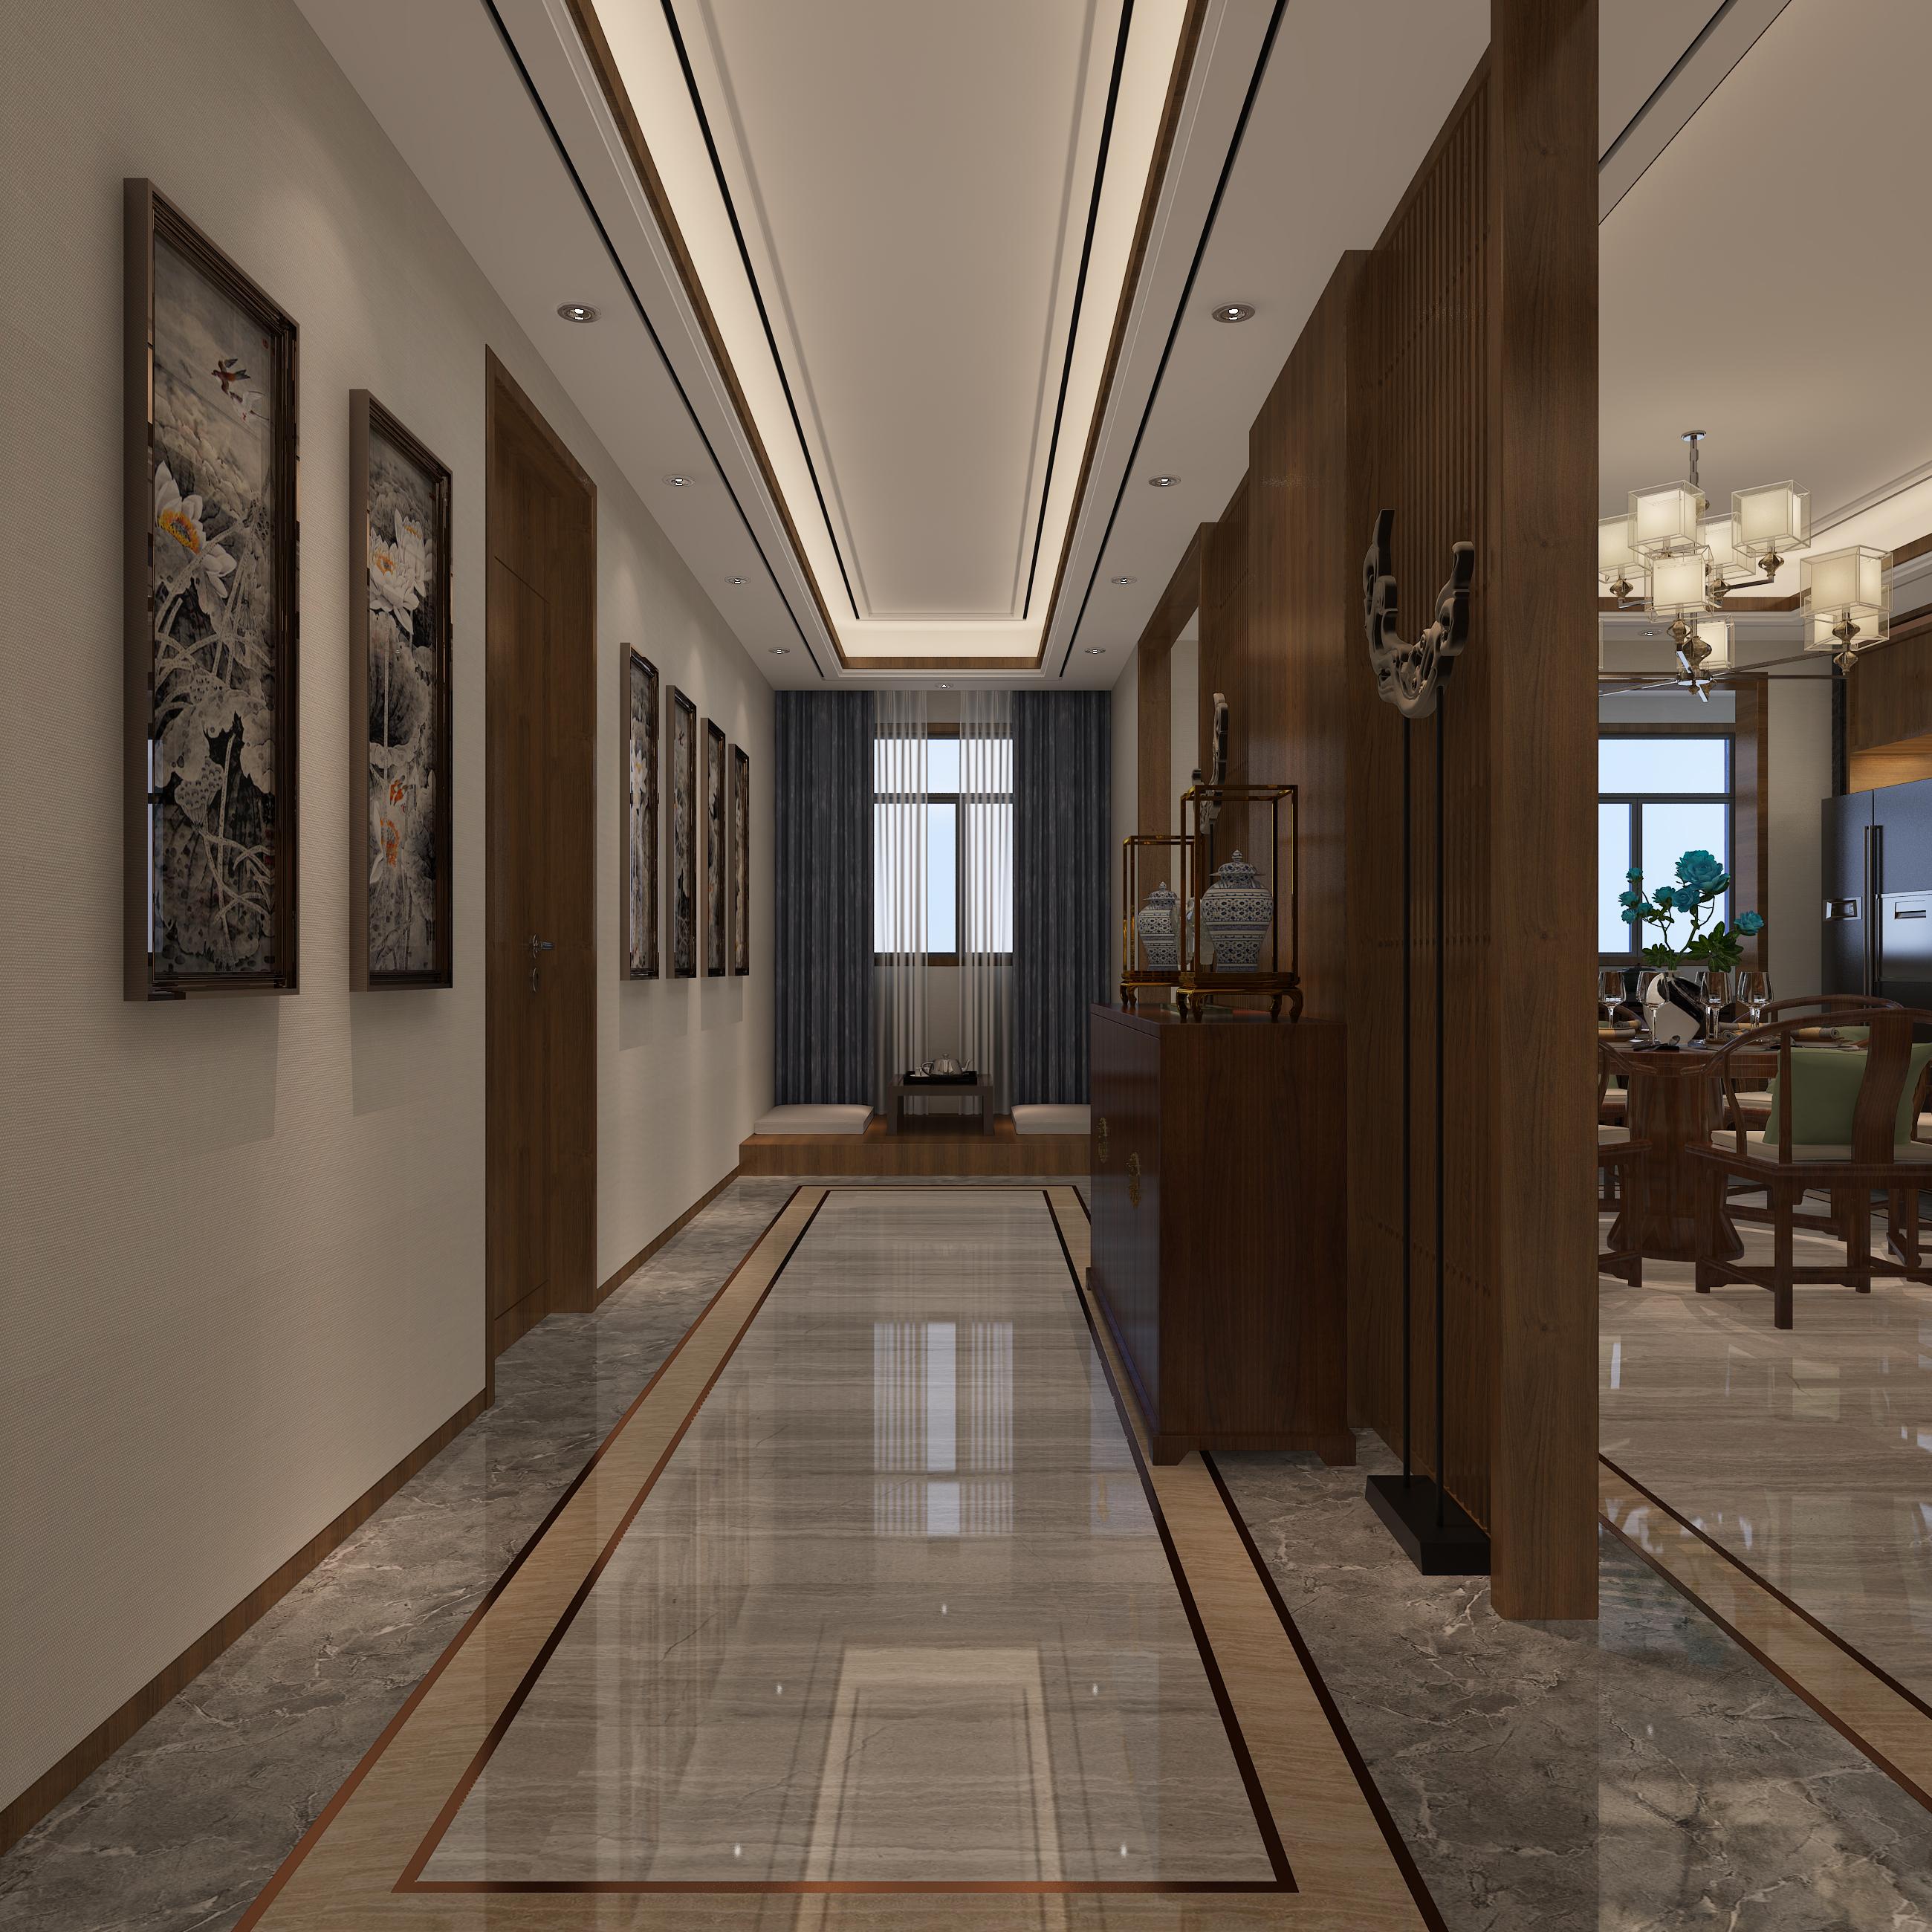 中式别墅装修门厅走廊